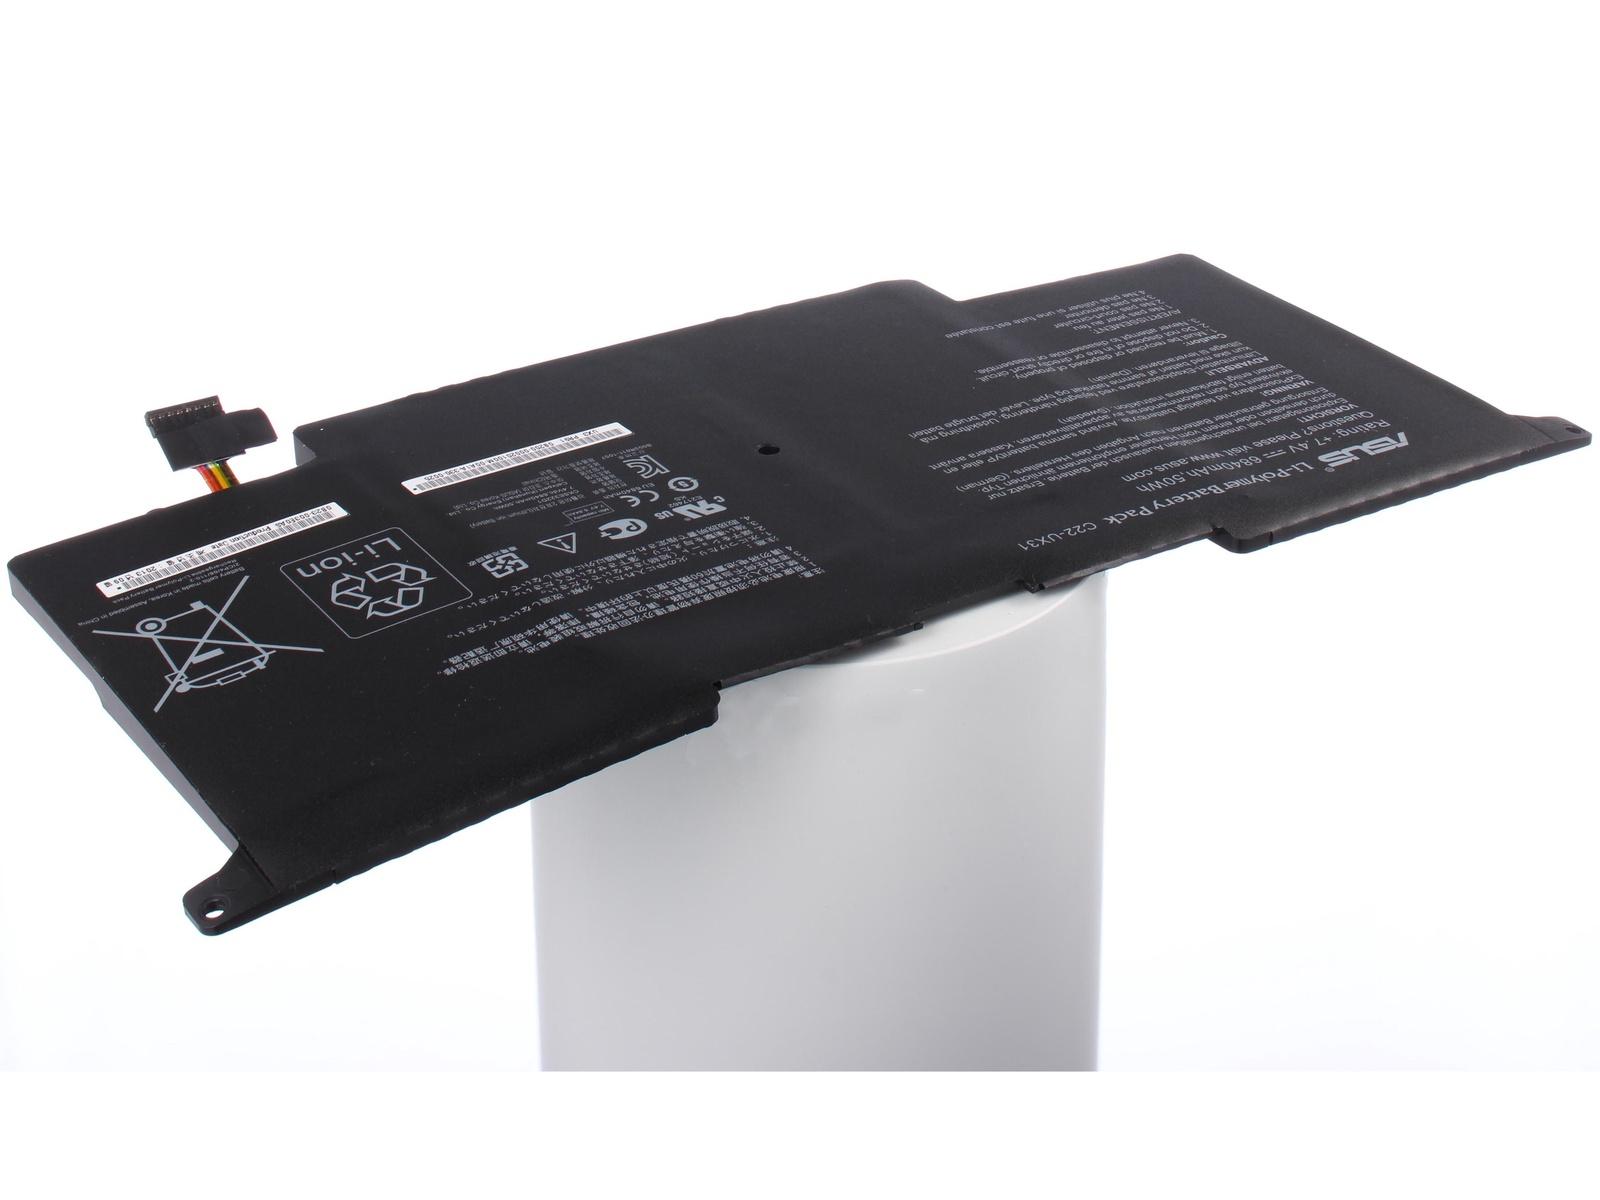 Аккумулятор для ноутбука iBatt для Asus Zenbook UX310UA, UX31A, Zenbook UX310UQ, UX31E, UX31A Zenbook, ZENBOOK UX31E, UX31E Zenbook, Zenbook Prime UX31A, ZenBook UX31, ZENBOOK Touch UX31A, UX31A-R4003X, ZenBook UX31E-DH52 цена